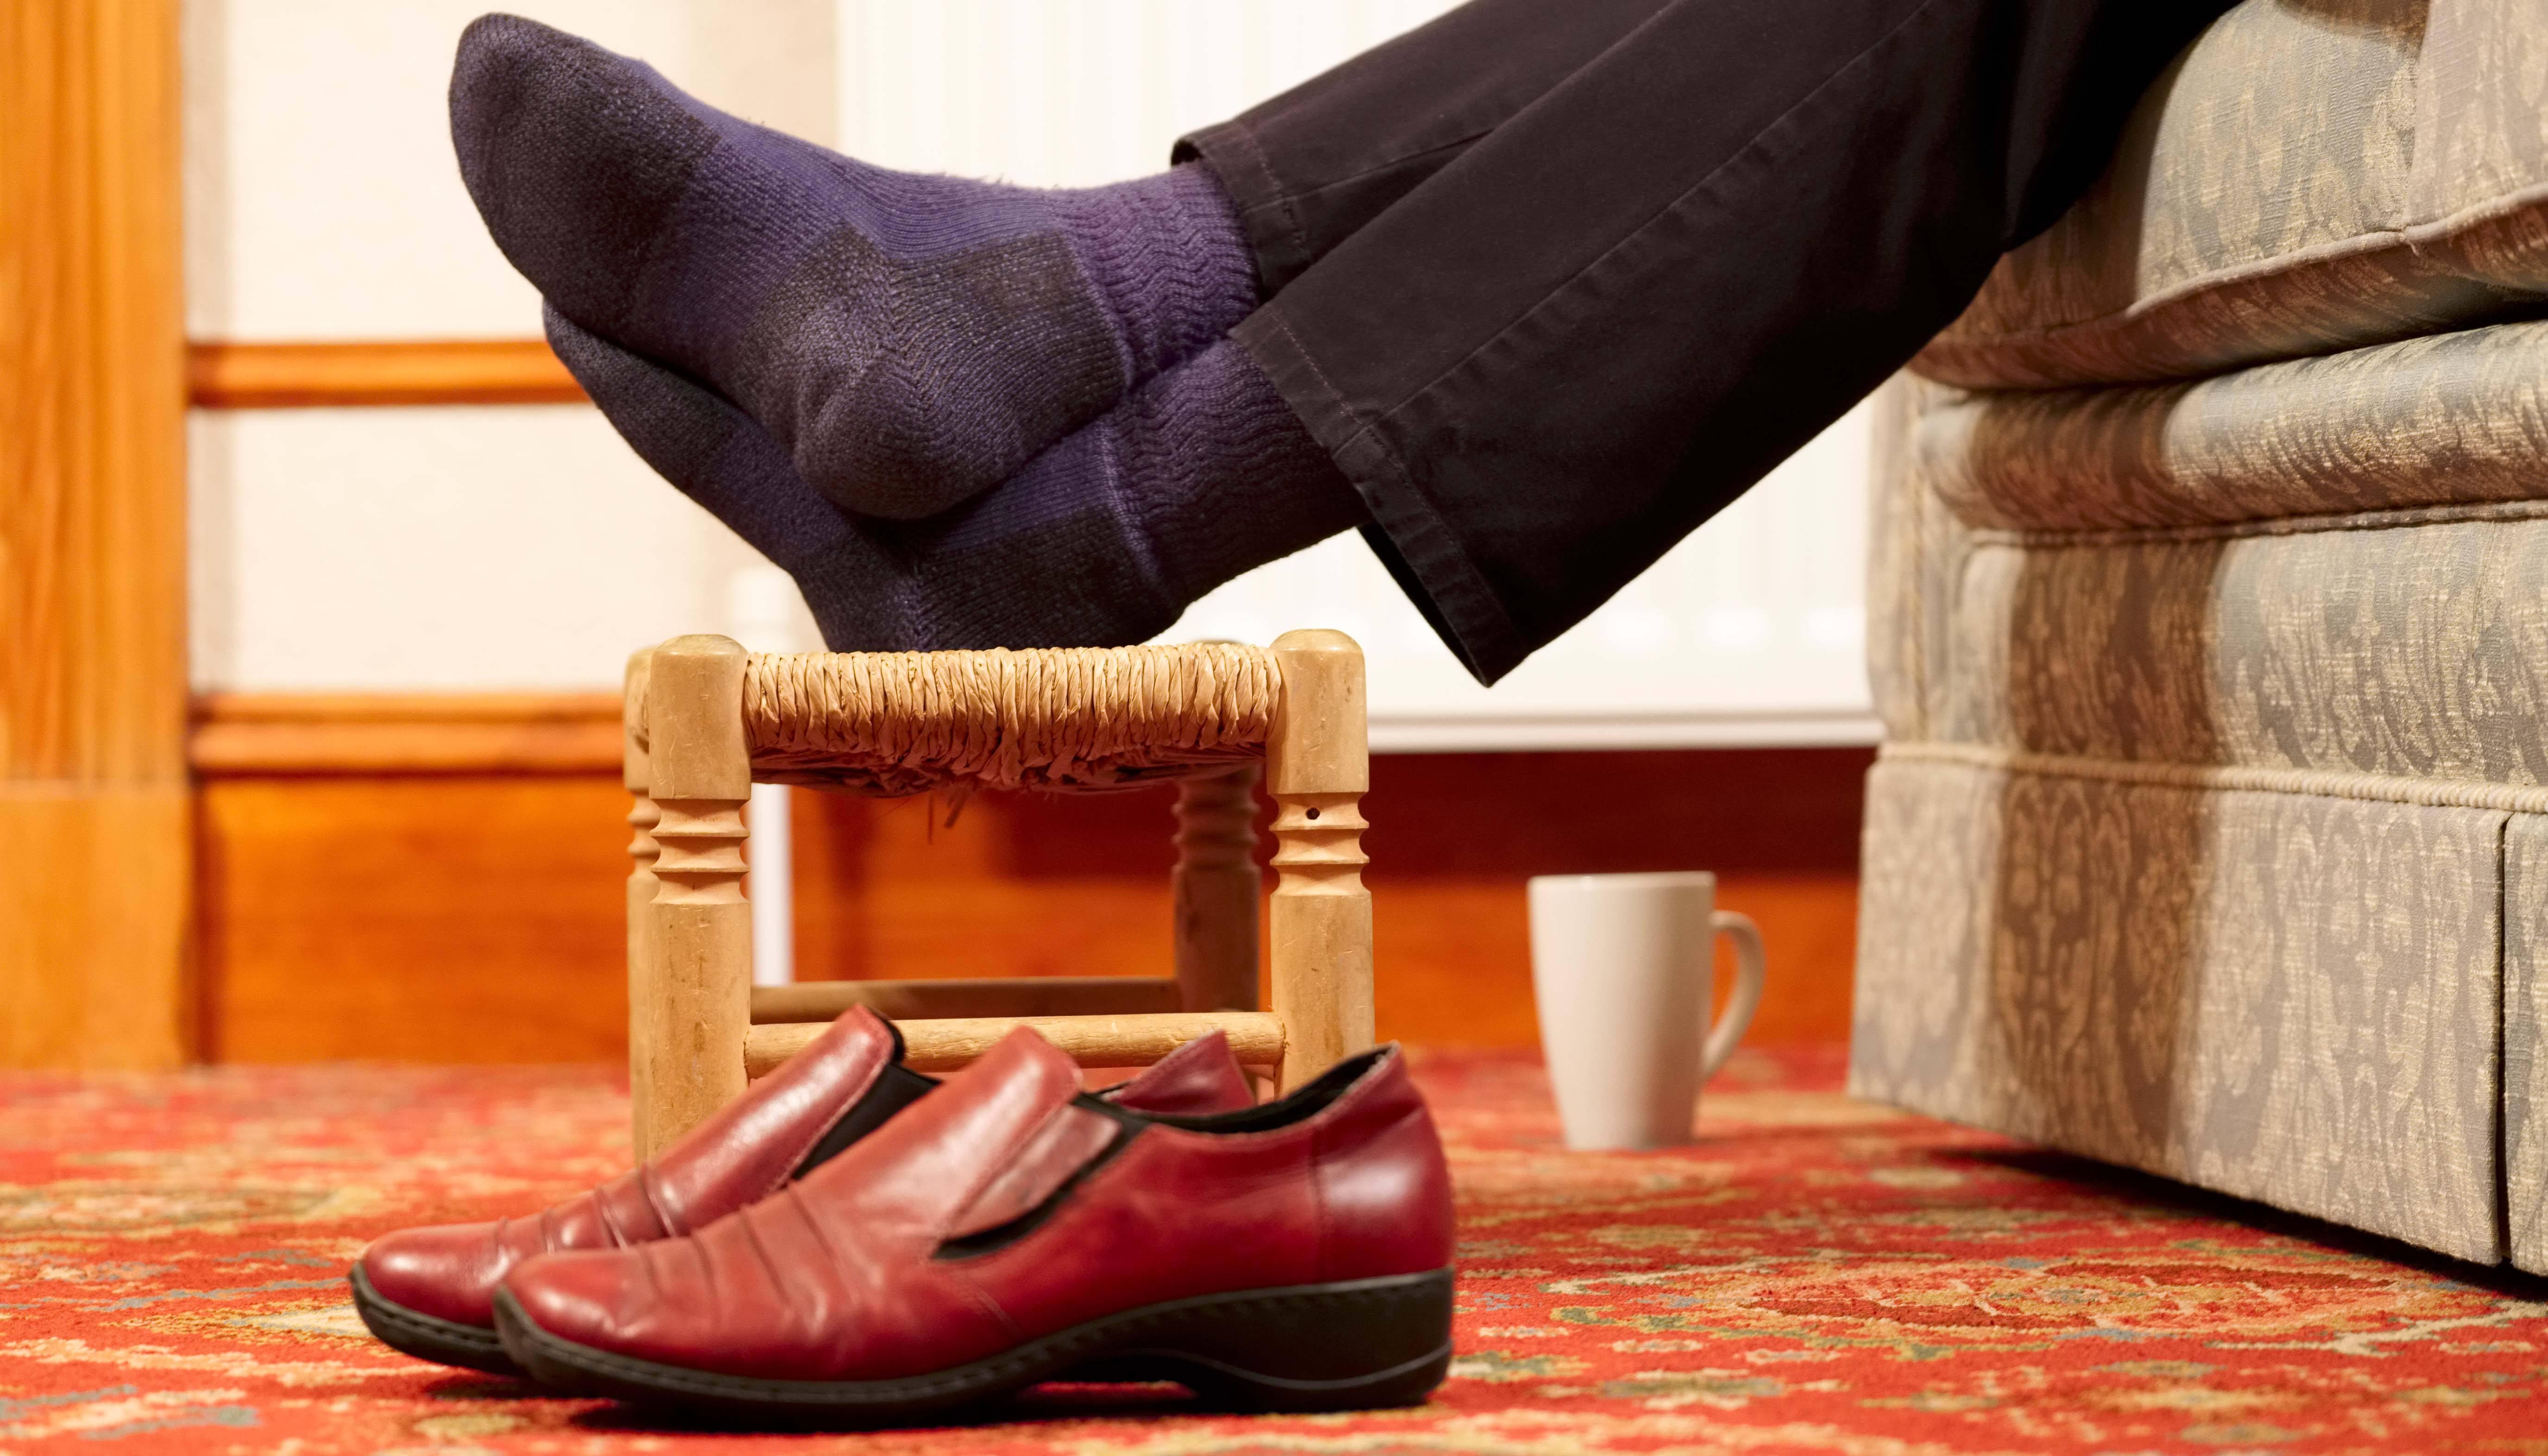 Reducing foot odor